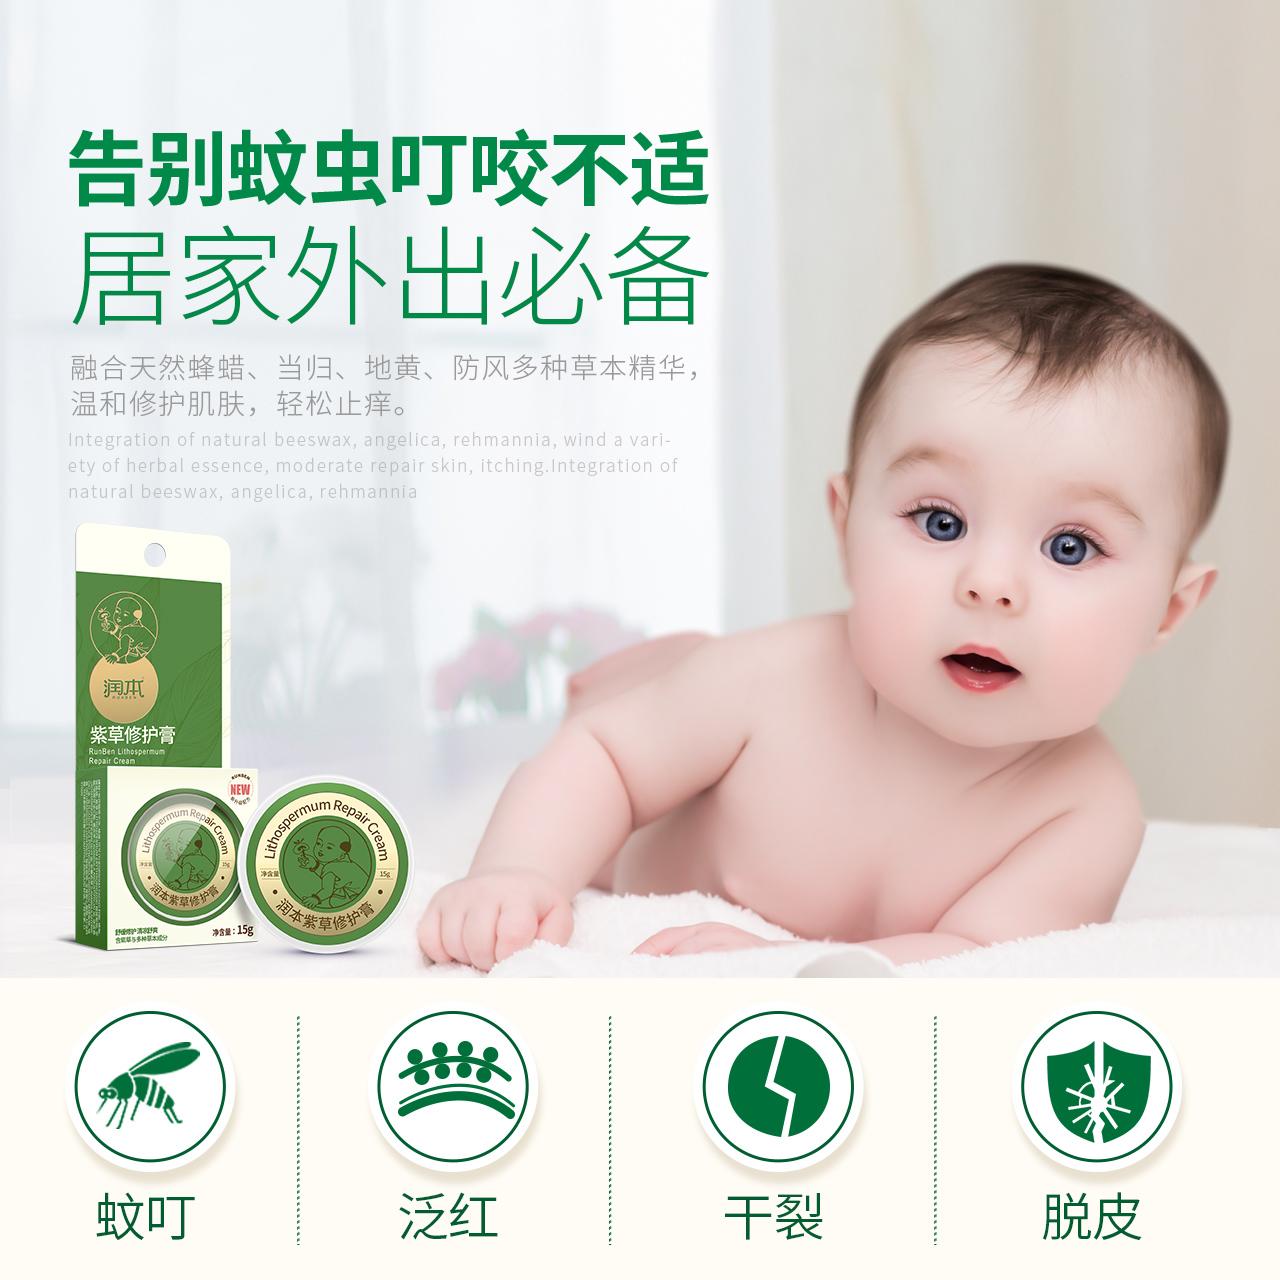 润本婴儿紫草膏宝宝防蚊子蚊虫叮咬止痒消肿膏儿童驱蚊膏天然正品